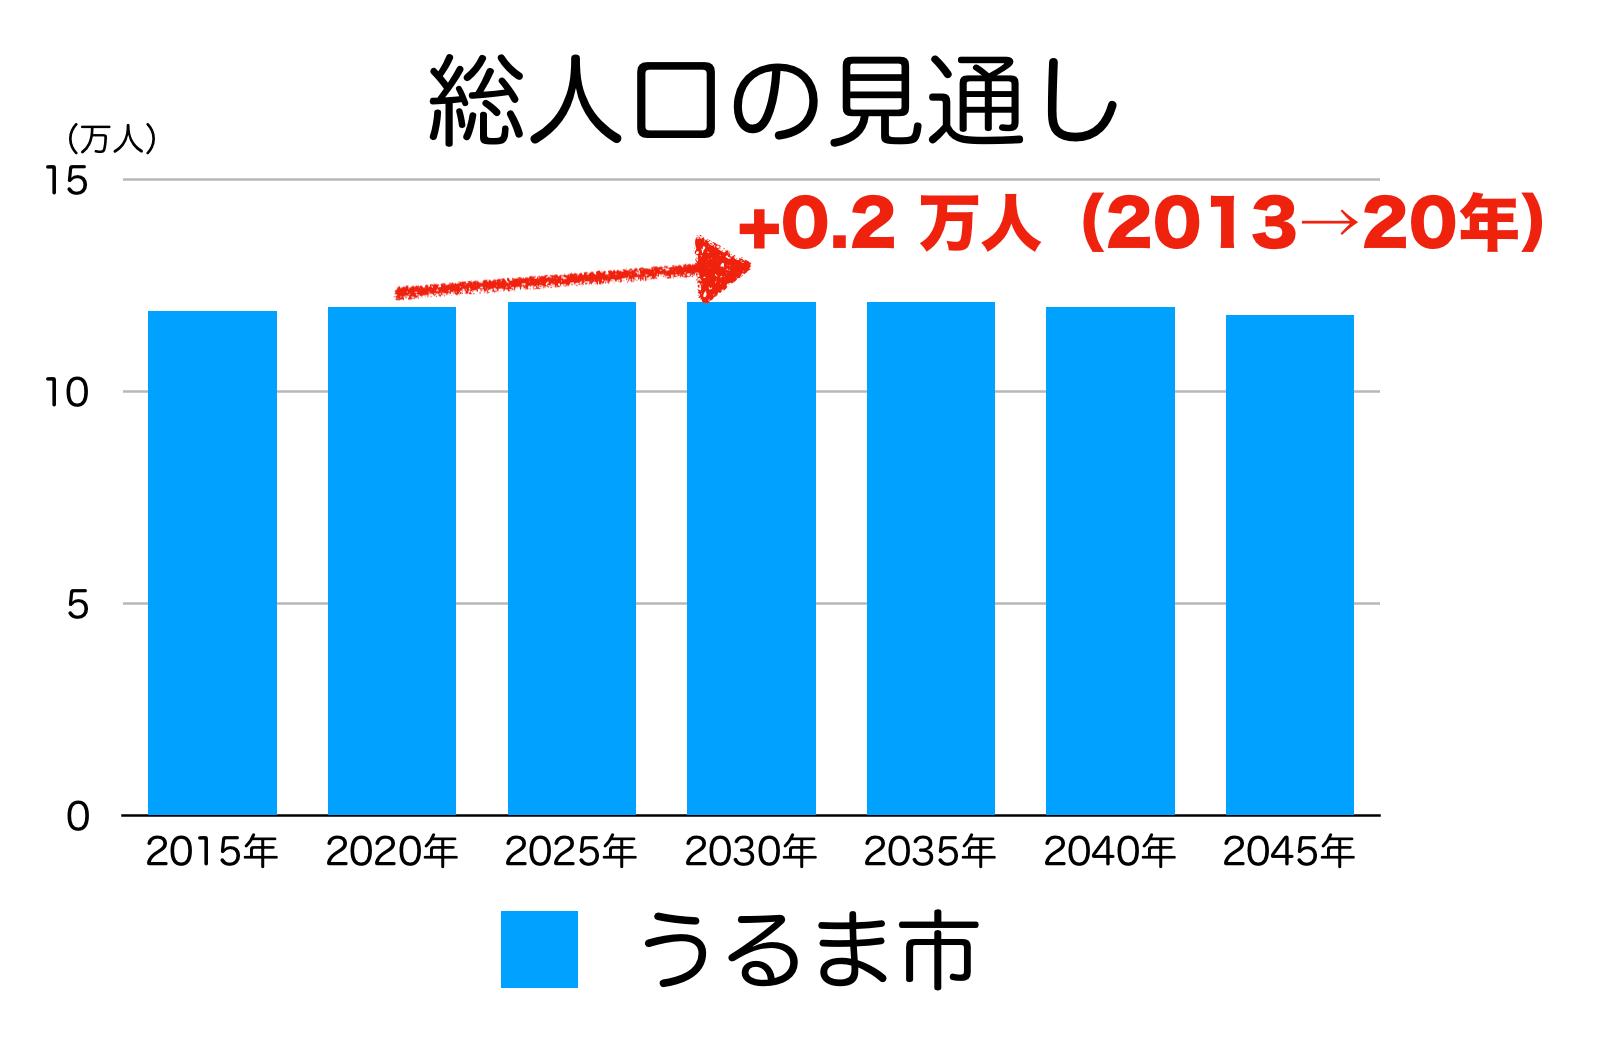 うるま市の人口予測